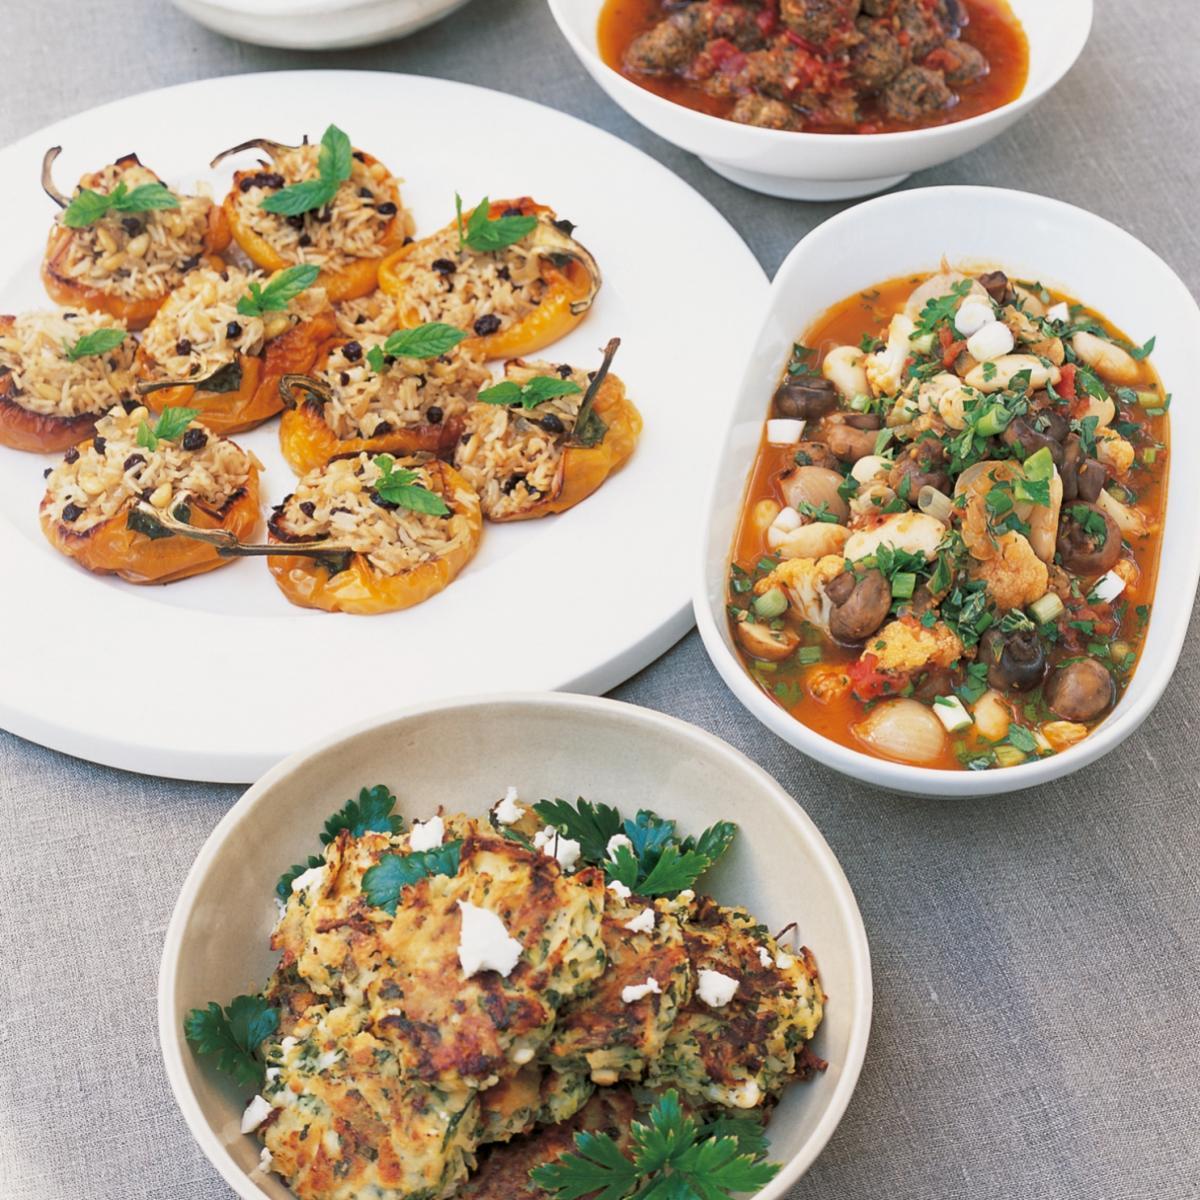 A picture of Delia's Mixed Vegetable Salad a la Grecque recipe